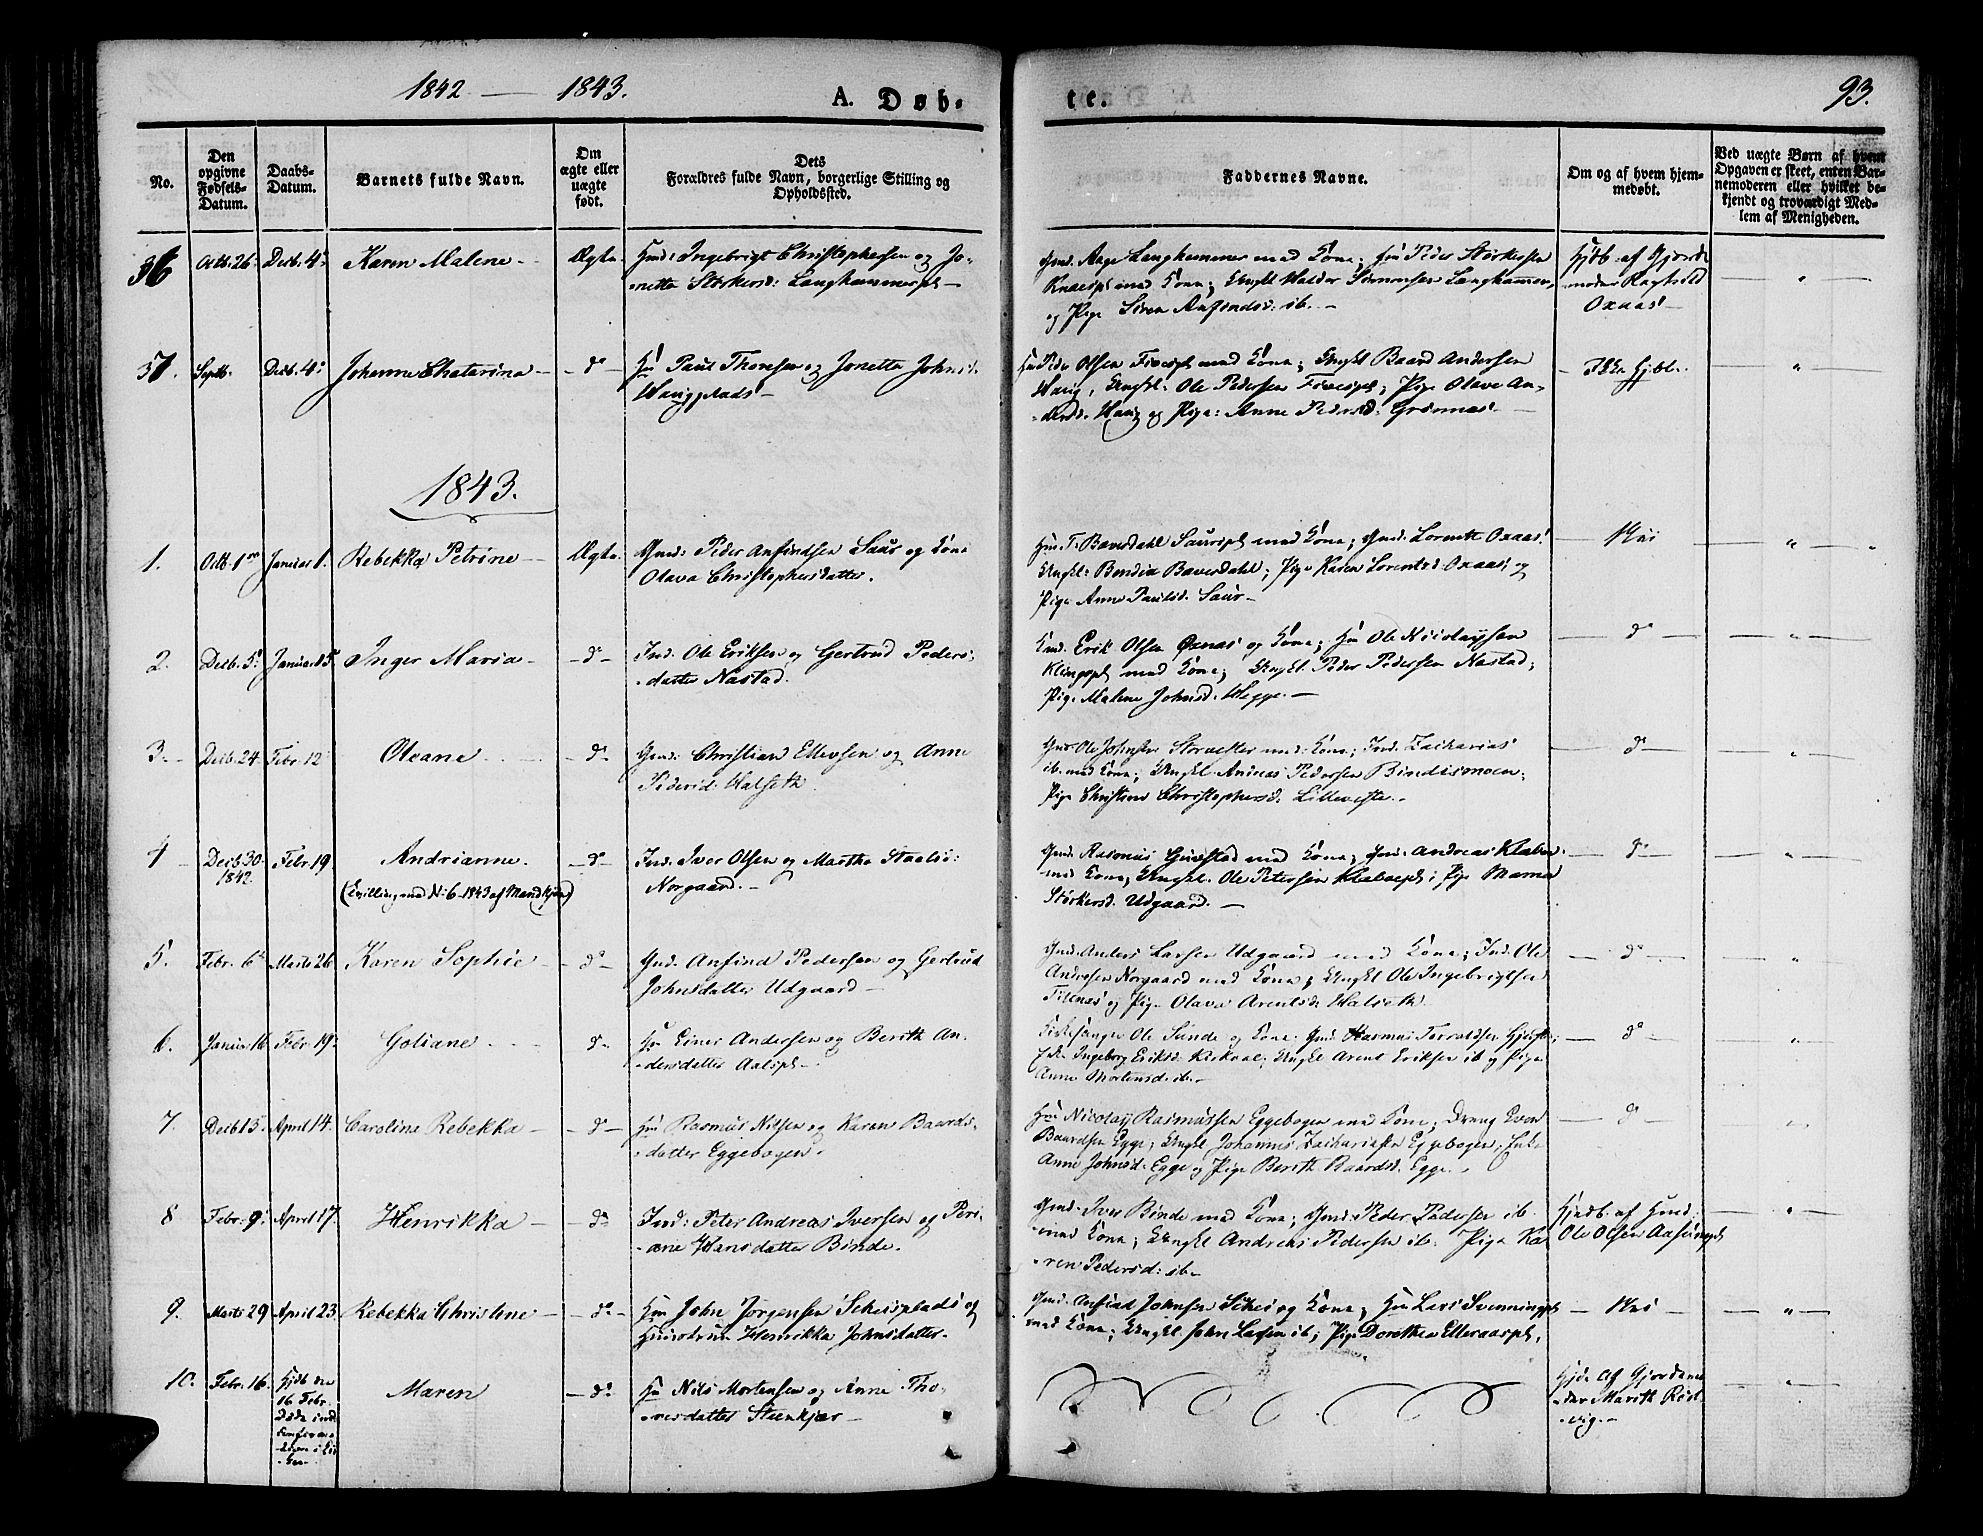 SAT, Ministerialprotokoller, klokkerbøker og fødselsregistre - Nord-Trøndelag, 746/L0445: Ministerialbok nr. 746A04, 1826-1846, s. 93